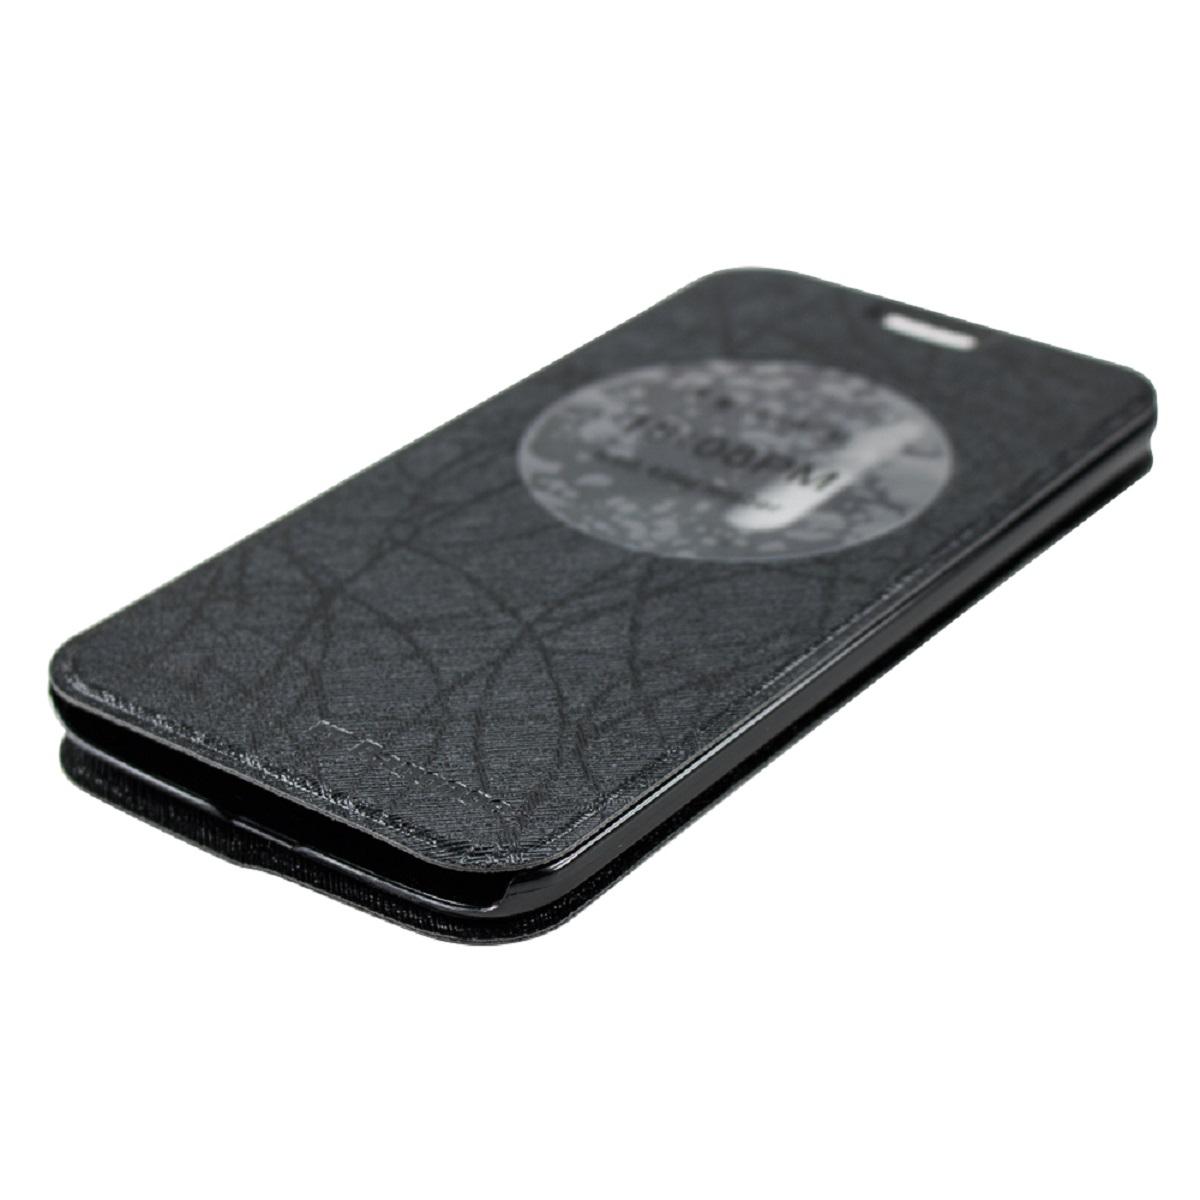 IT Baggage чехол для Asus Zenfone2 ZE551ML / ZE550ML, BlackITASZE55ML-1Чехол IT Baggage для смартфона Asus Zenfone2 ZE551ML / ZE550ML надежно защищает смартфон от случайных ударов и царапин, а так же от внешних воздействий, грязи, пыли и брызг. Крышку можно использовать в качестве настольной подставки для вашего телефона. Окошко на лицевой стороне позволяет просматривать предупреждения, сообщения и время, не доставая телефон из чехла. Чехол обеспечивает свободный доступ ко всем функциональным кнопкам смартфона и камере.